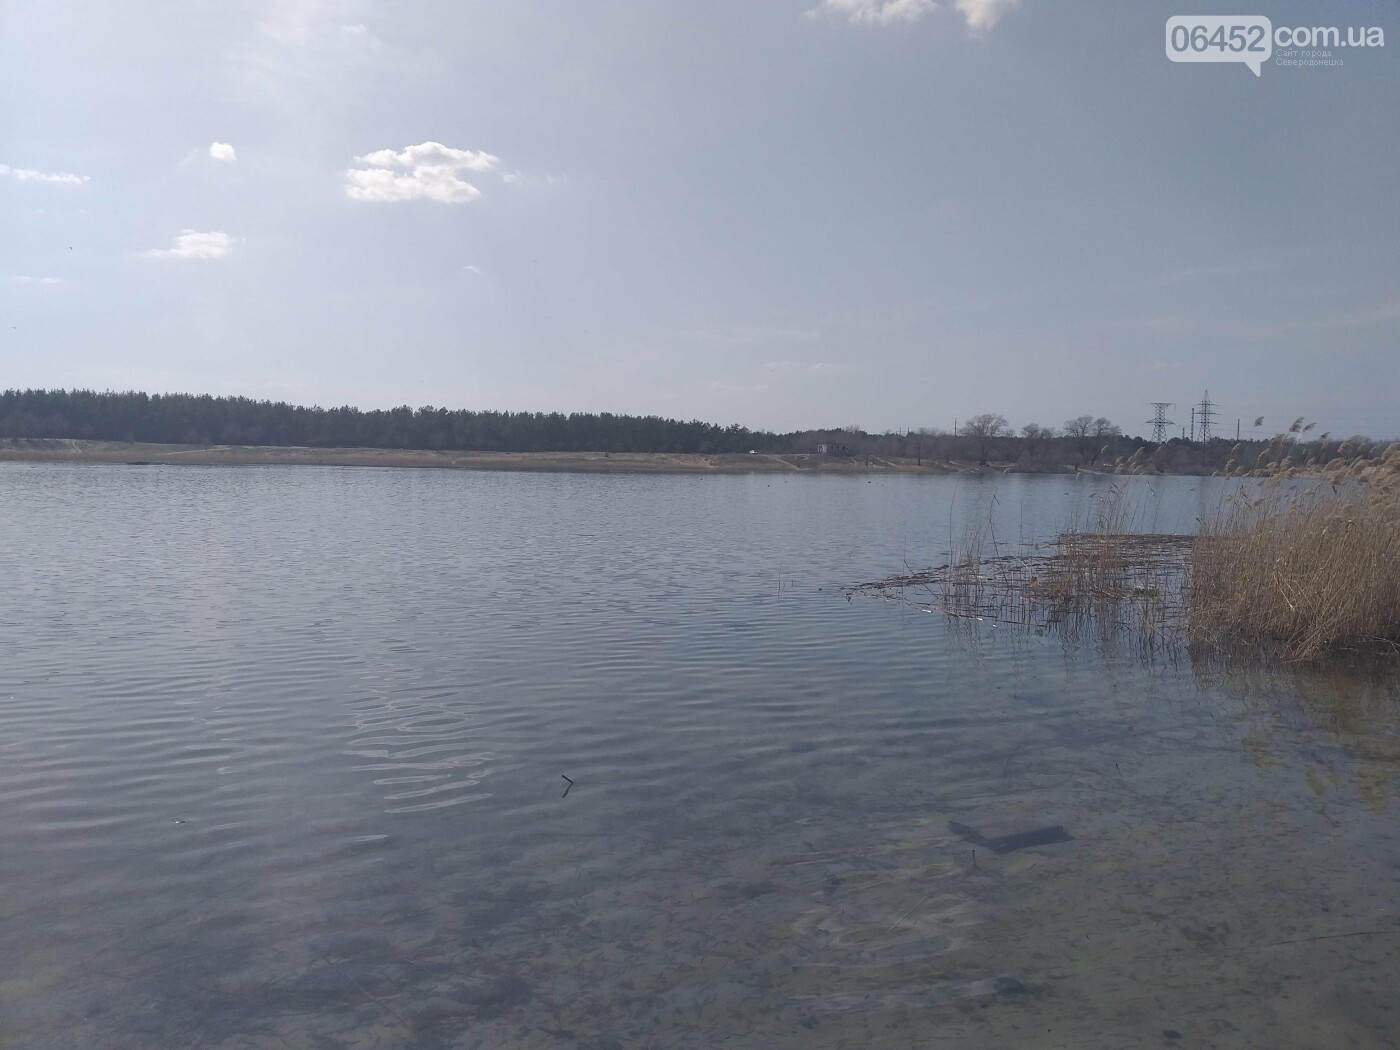 Фото дня: В Северодонецк пришла теплая весна, фото-9